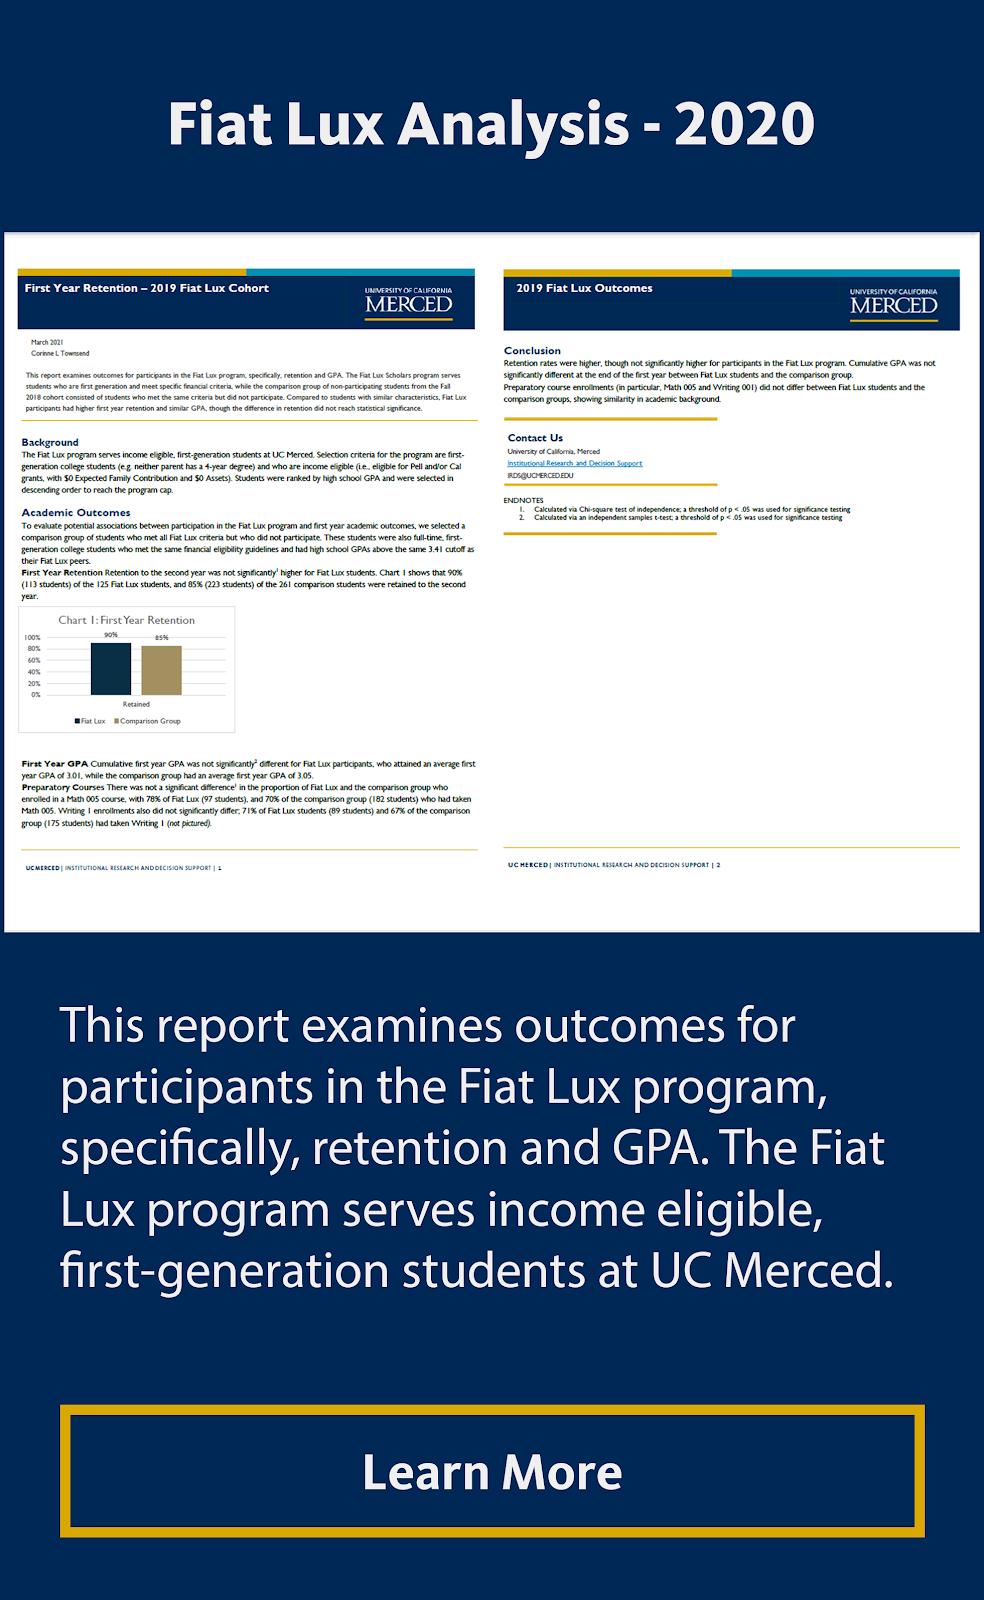 Fiat Lux Analysis - 2020